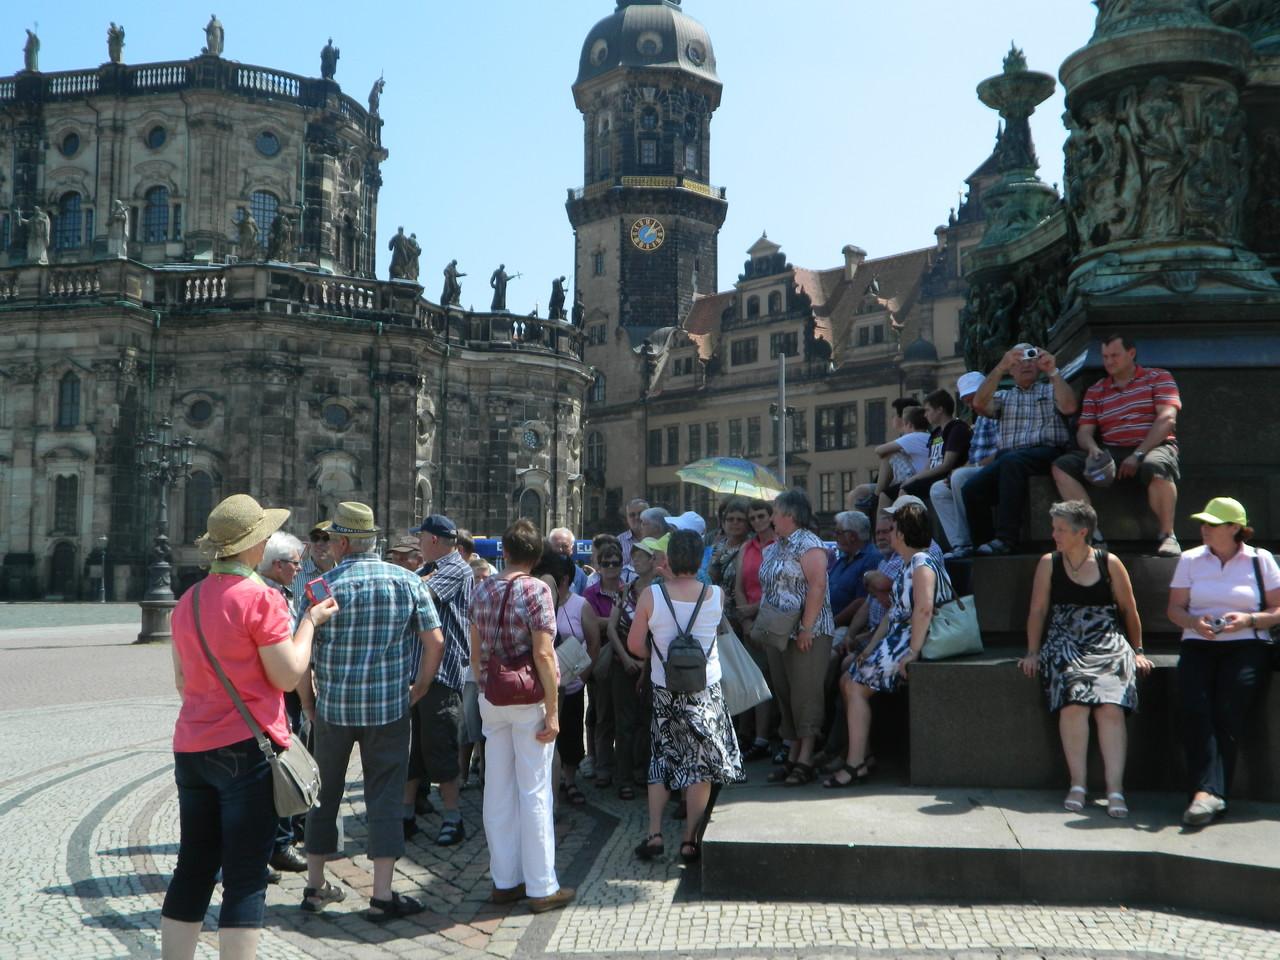 Vor dem Schloß, Zwinger und Semperoper in Dresden